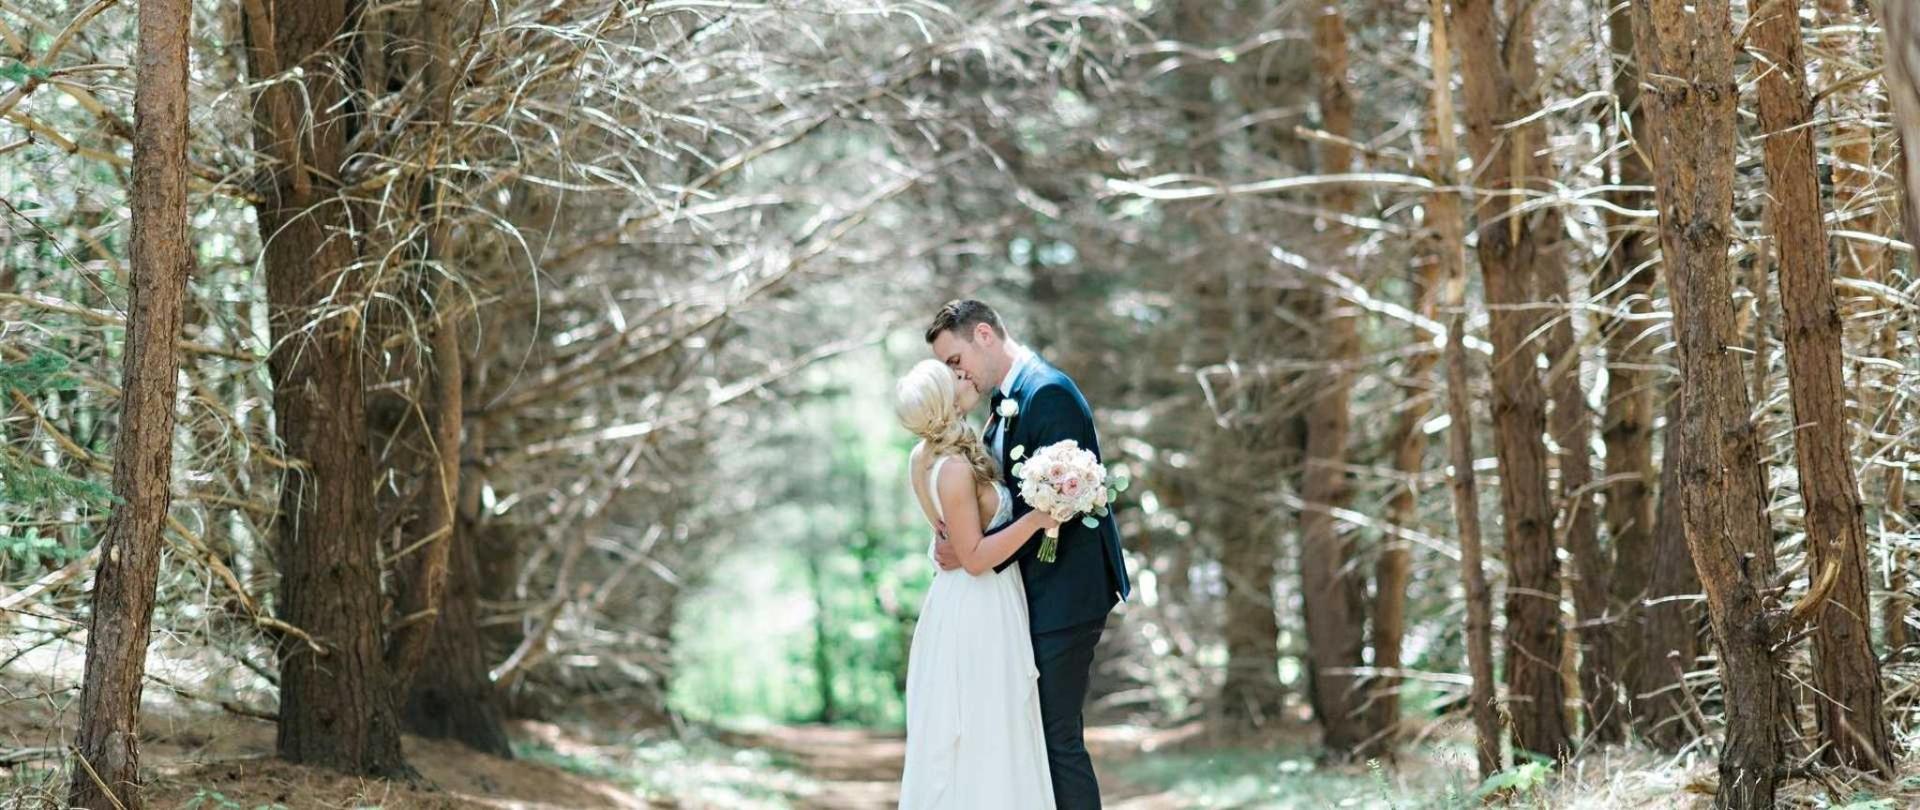 kristie-jarrett-bride-groom-0377.jpg.1920x810_default.jpg